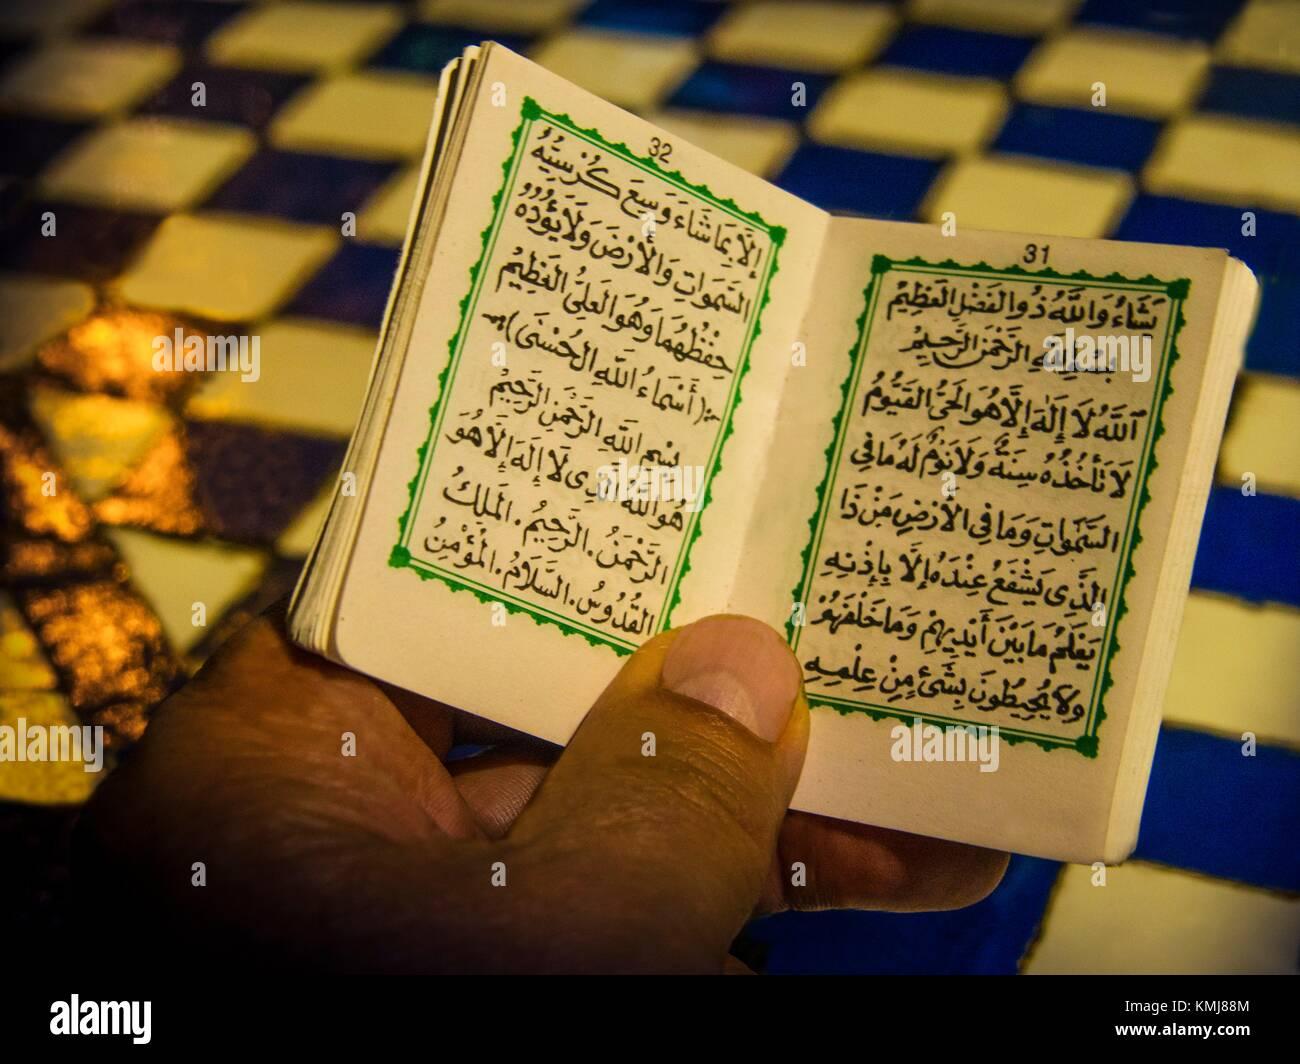 """Marruecos, Fes, religiosas libro de bolsillo para proteger contra el """"mal de ojo"""",... Imagen De Stock"""